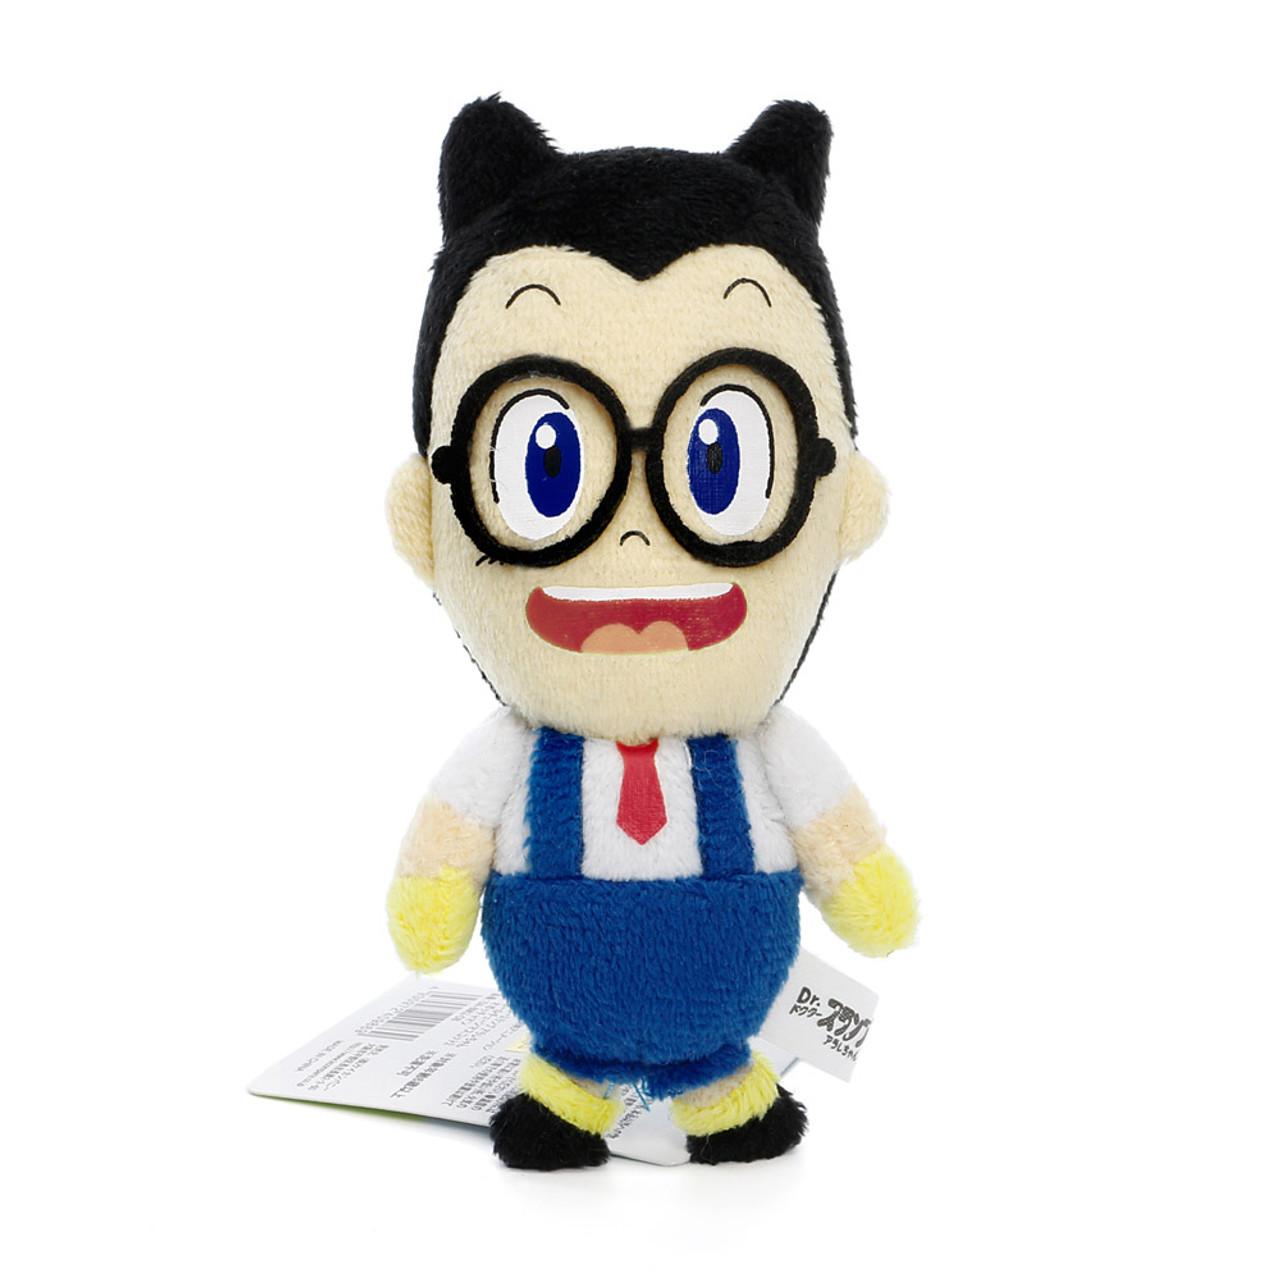 Obotchaman Mascot Plush Keychain ( Front View )